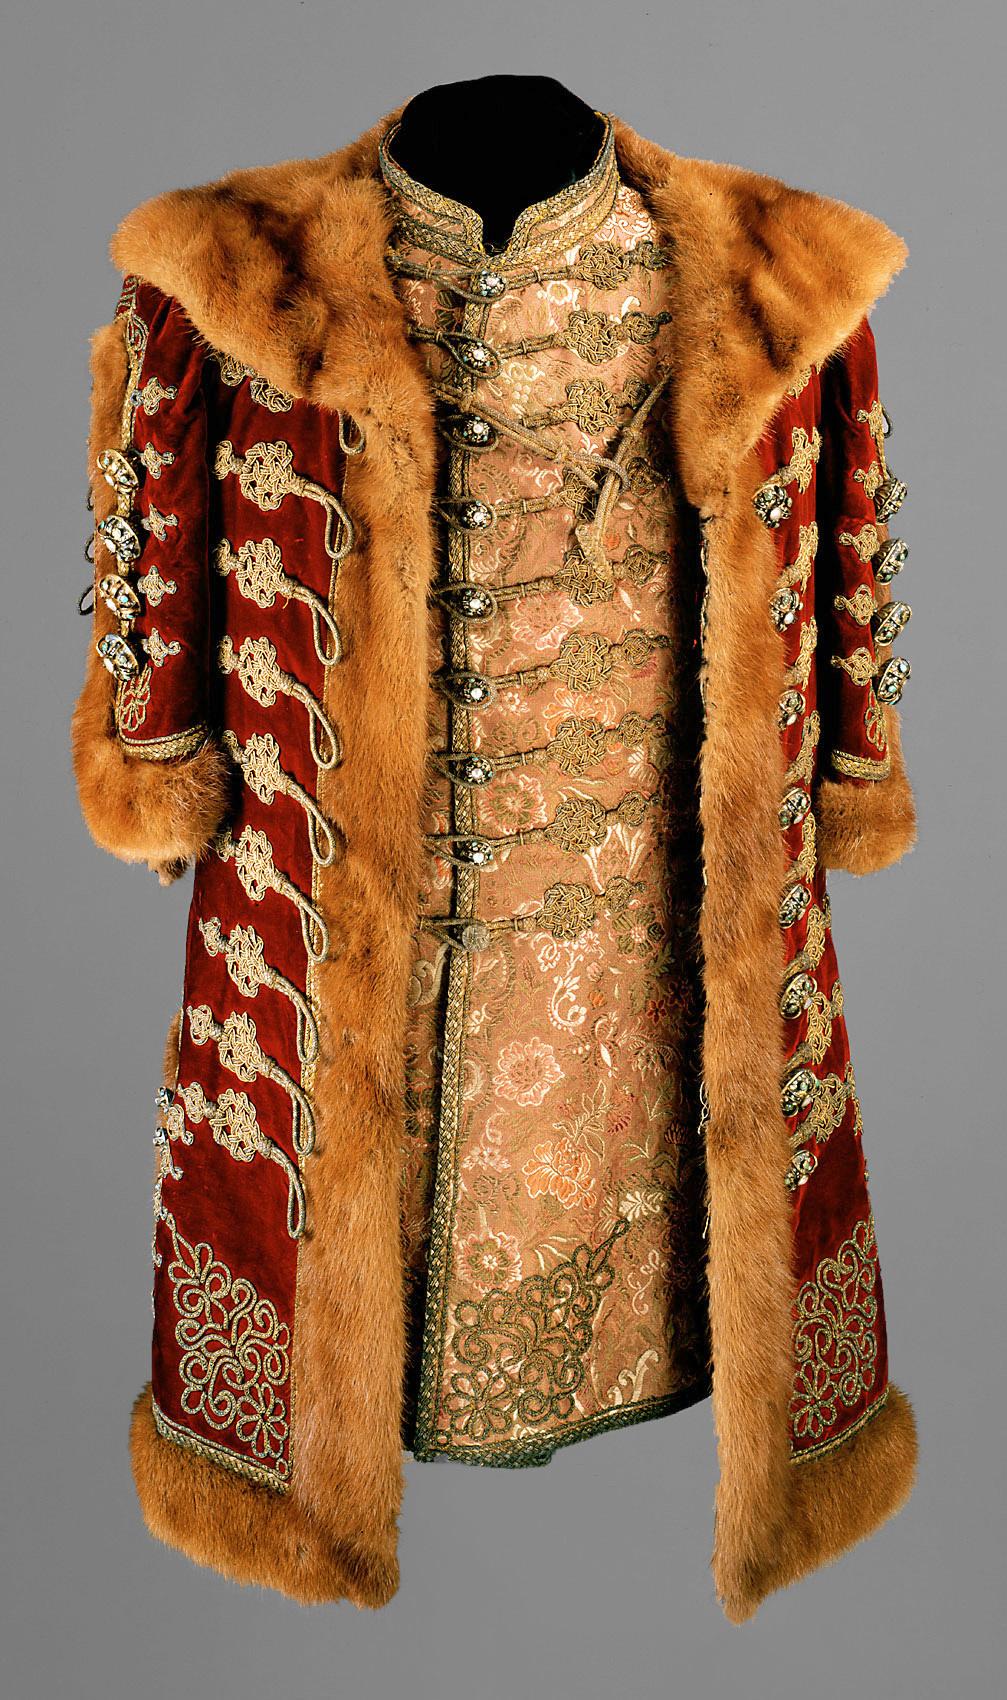 Gala-Kleid eines ungarischen Magnaten